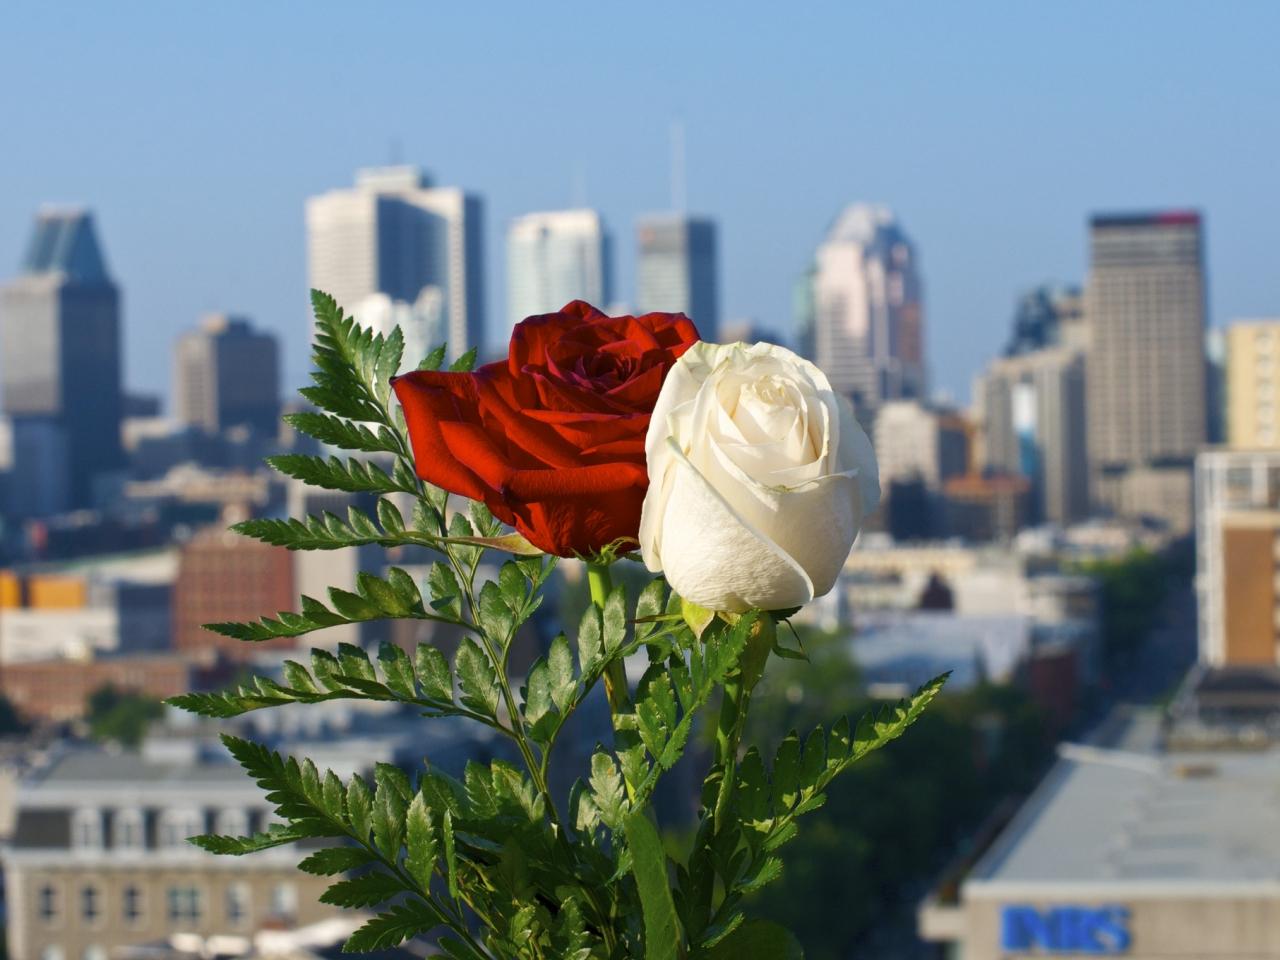 Rosas blanca y roja - 1280x960